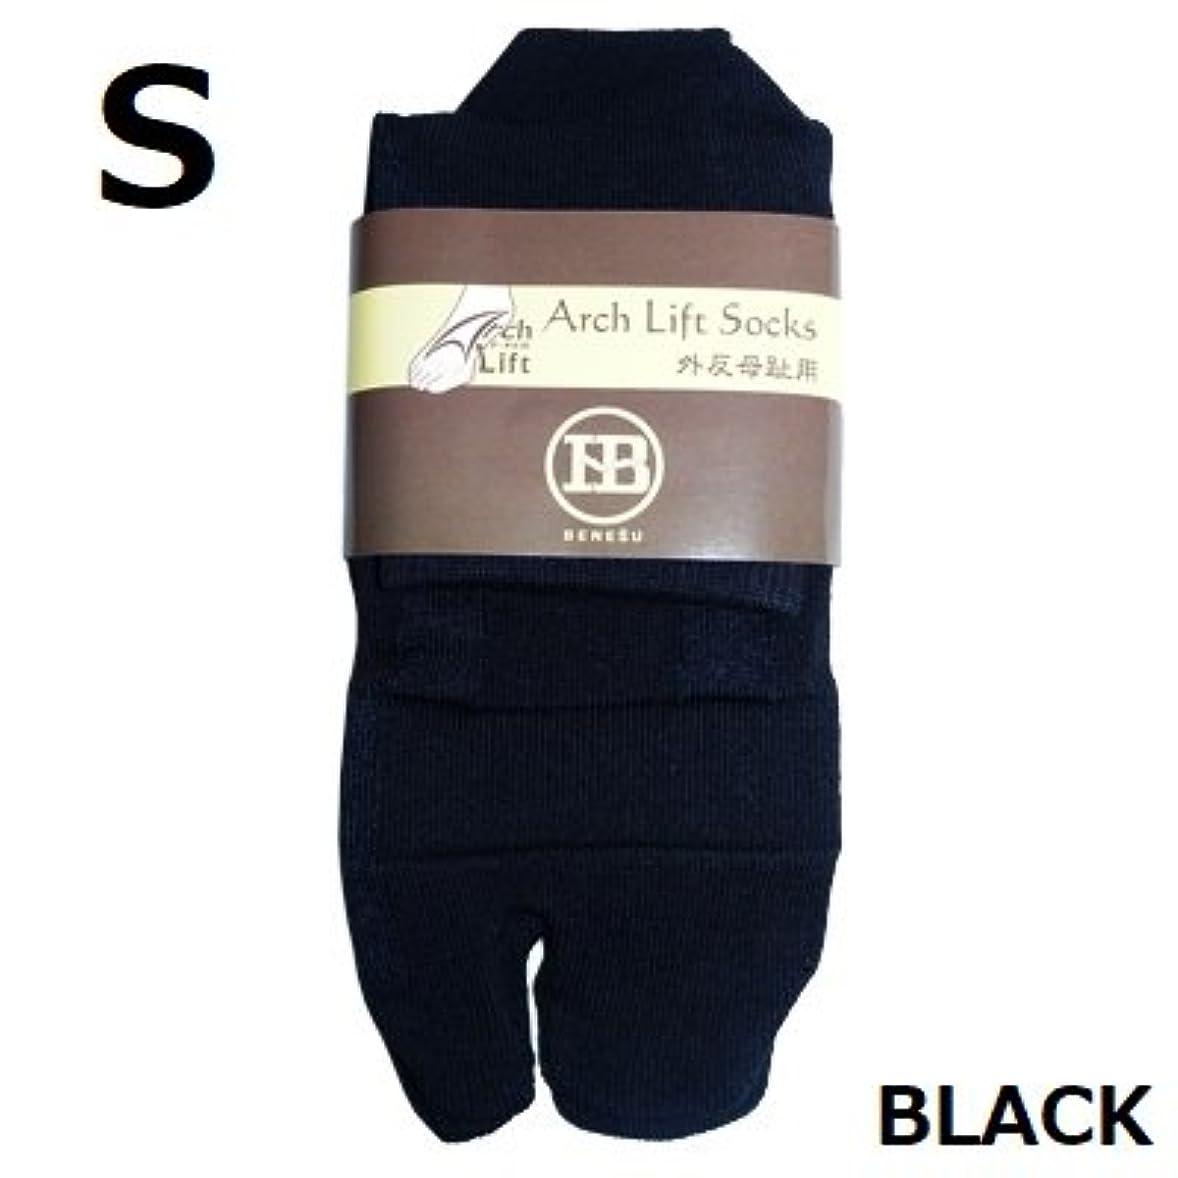 合法ミュージカル引き潮アーチライフソックス 外反母趾 テーピング加工靴下 サポーター(カラー:黒色)(サイズ:S)